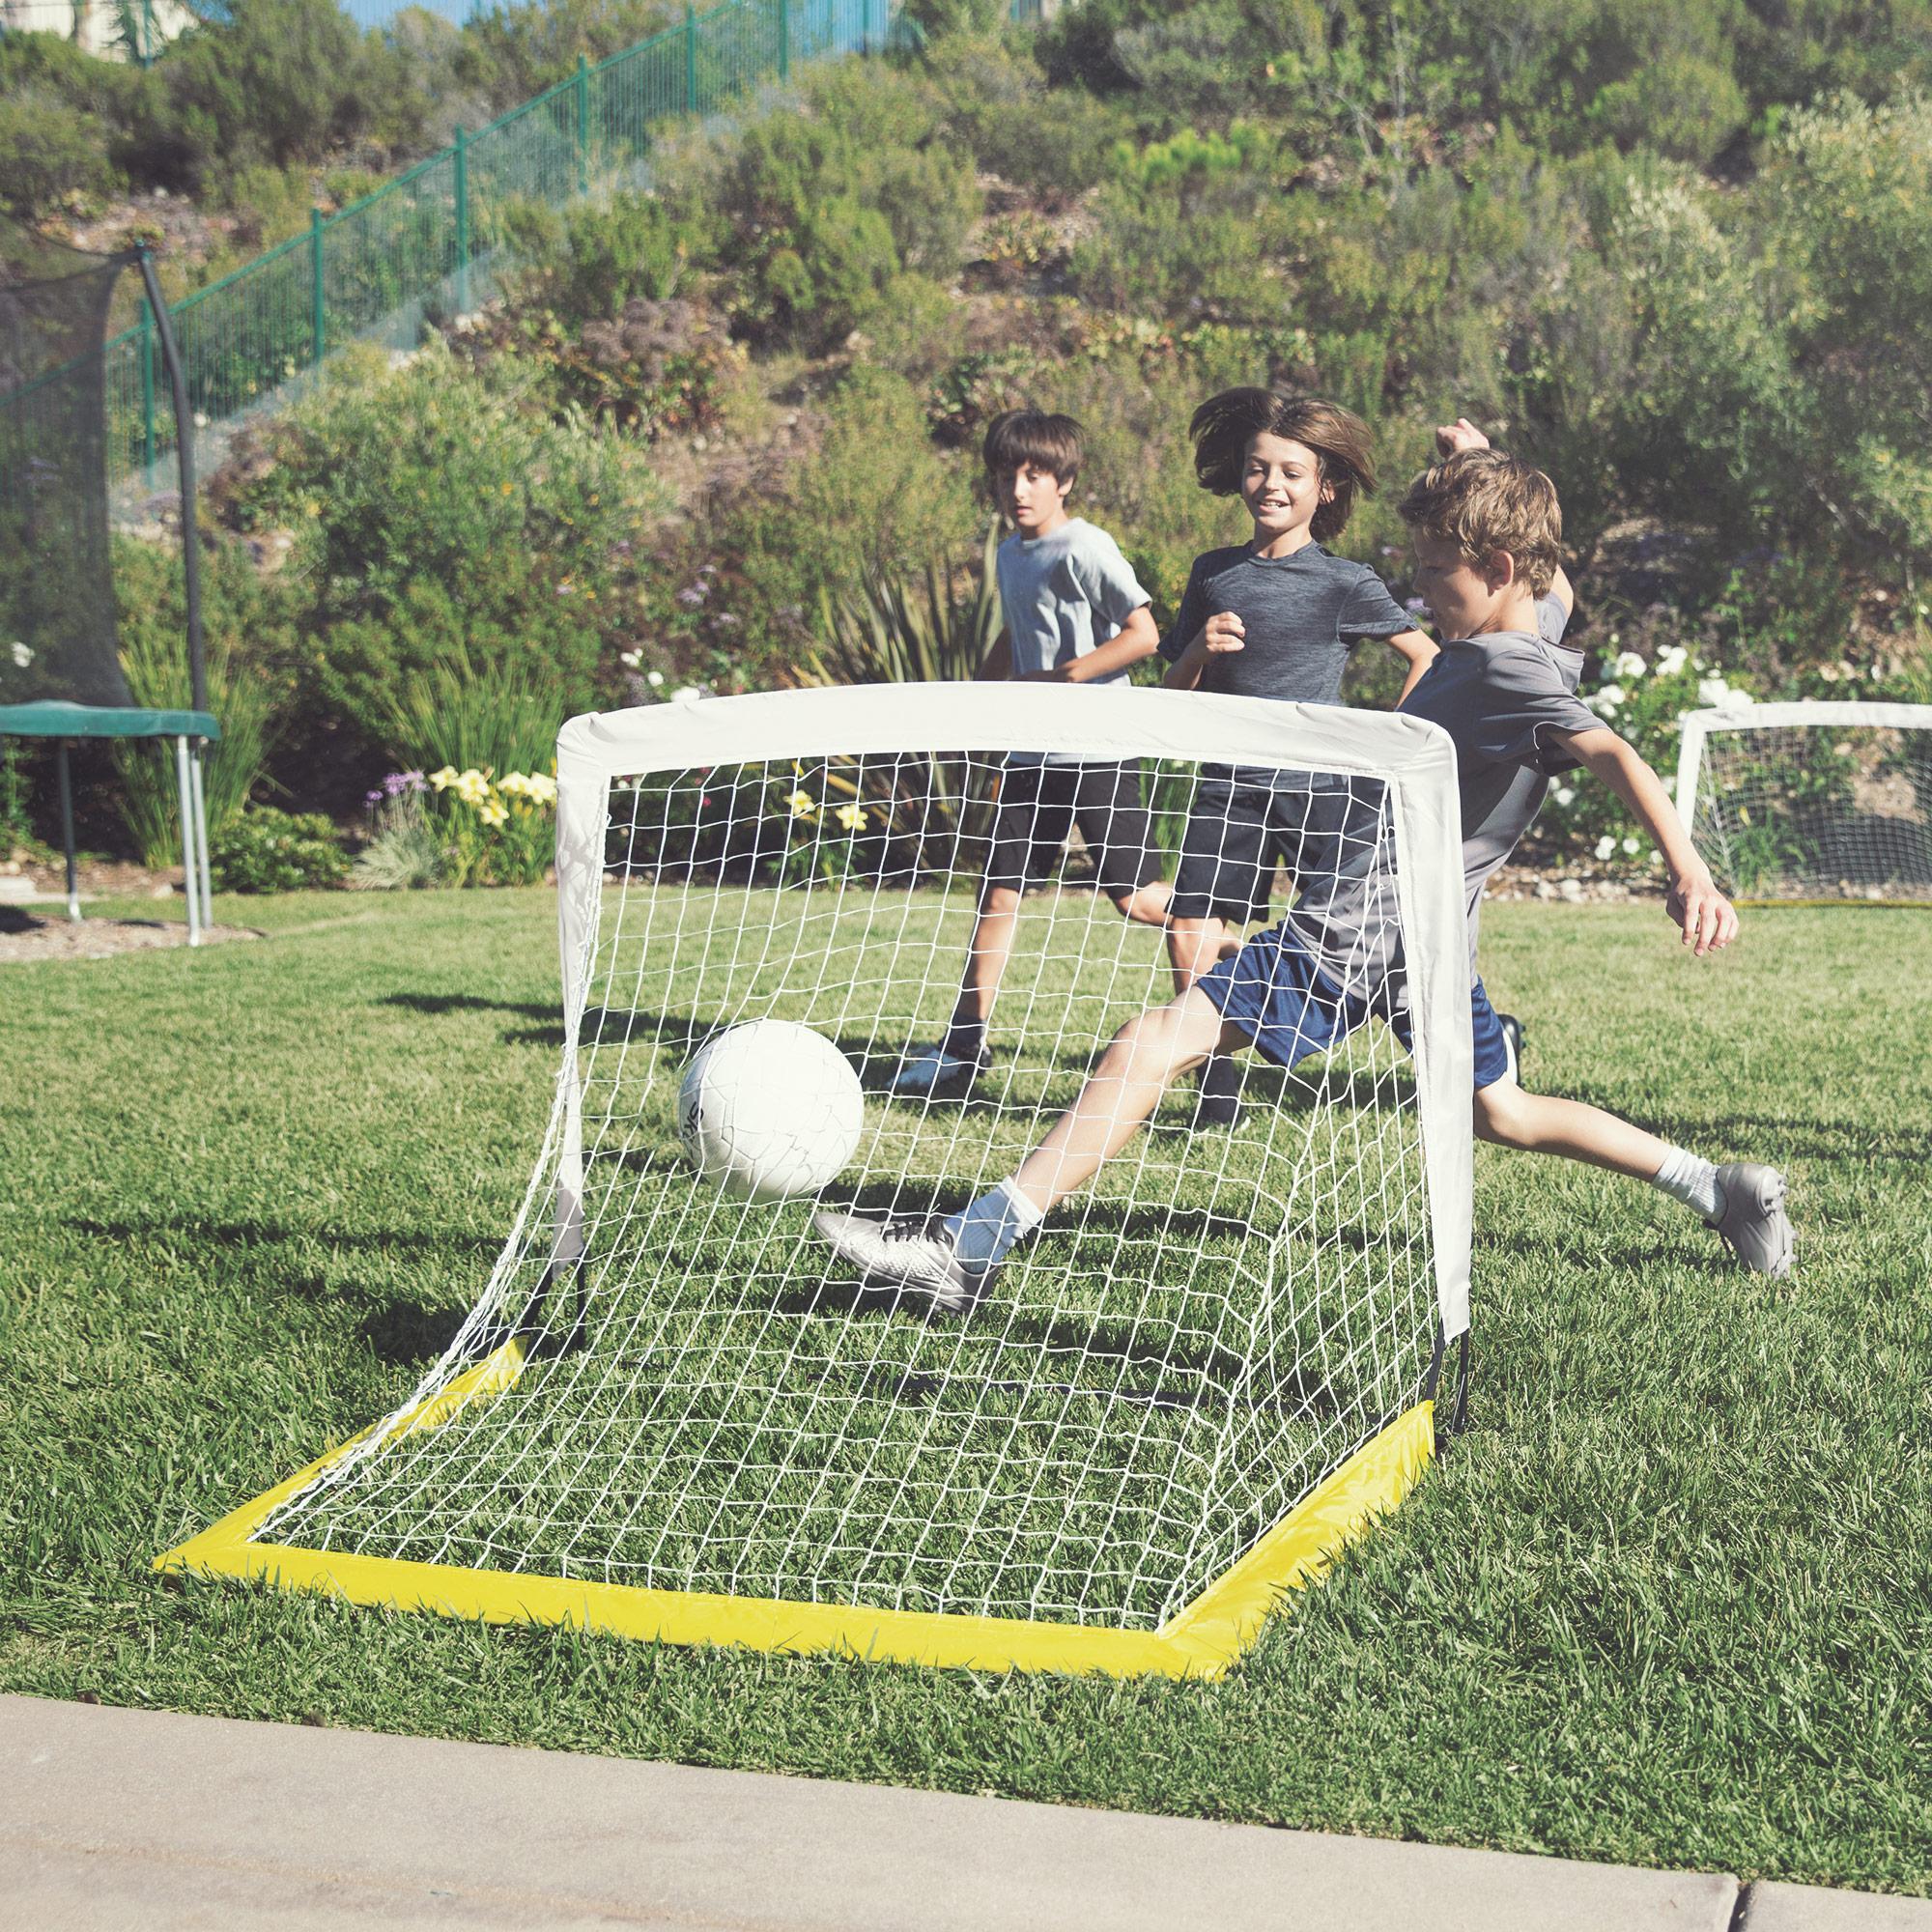 goal-ee-set_goal-set-002_2